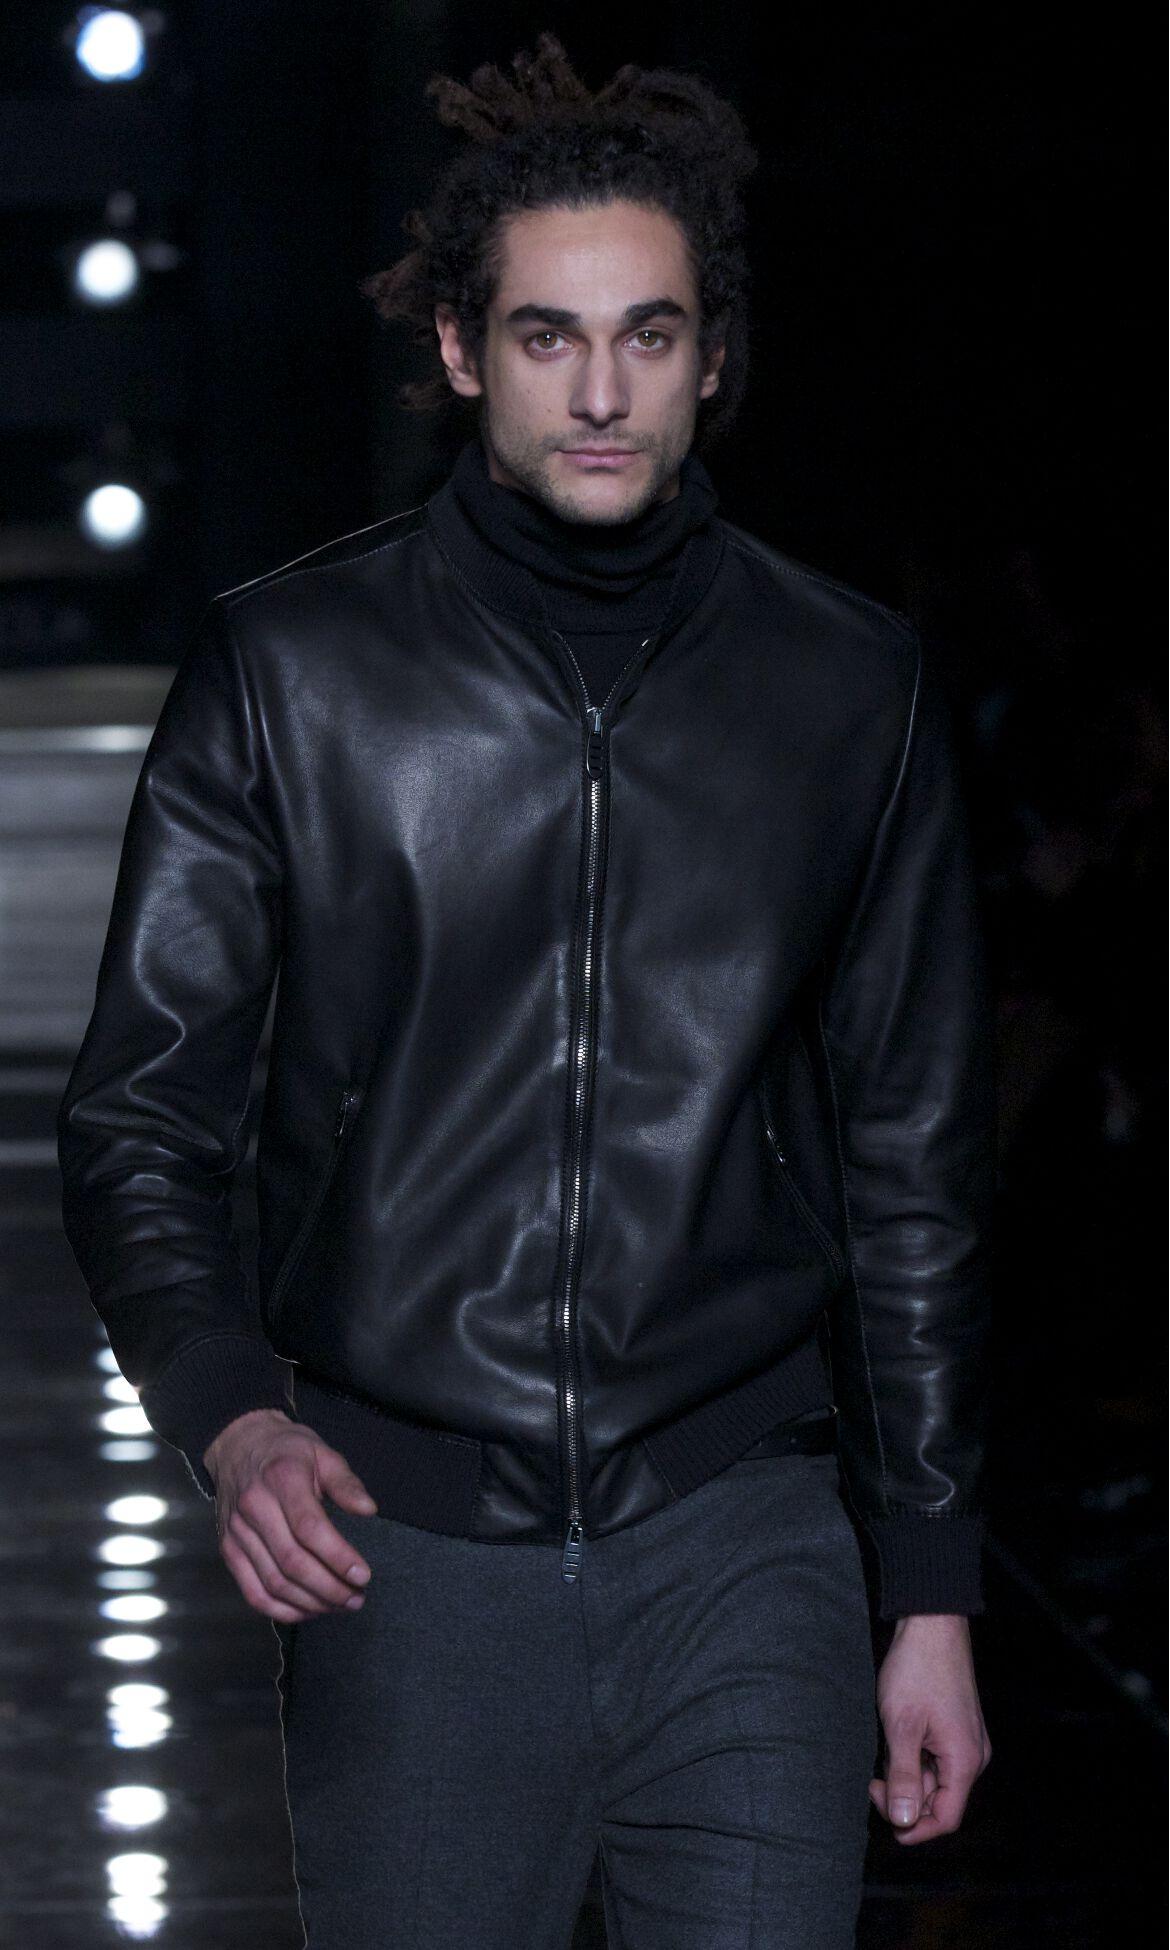 Ermanno Scervino Fashion Man Model